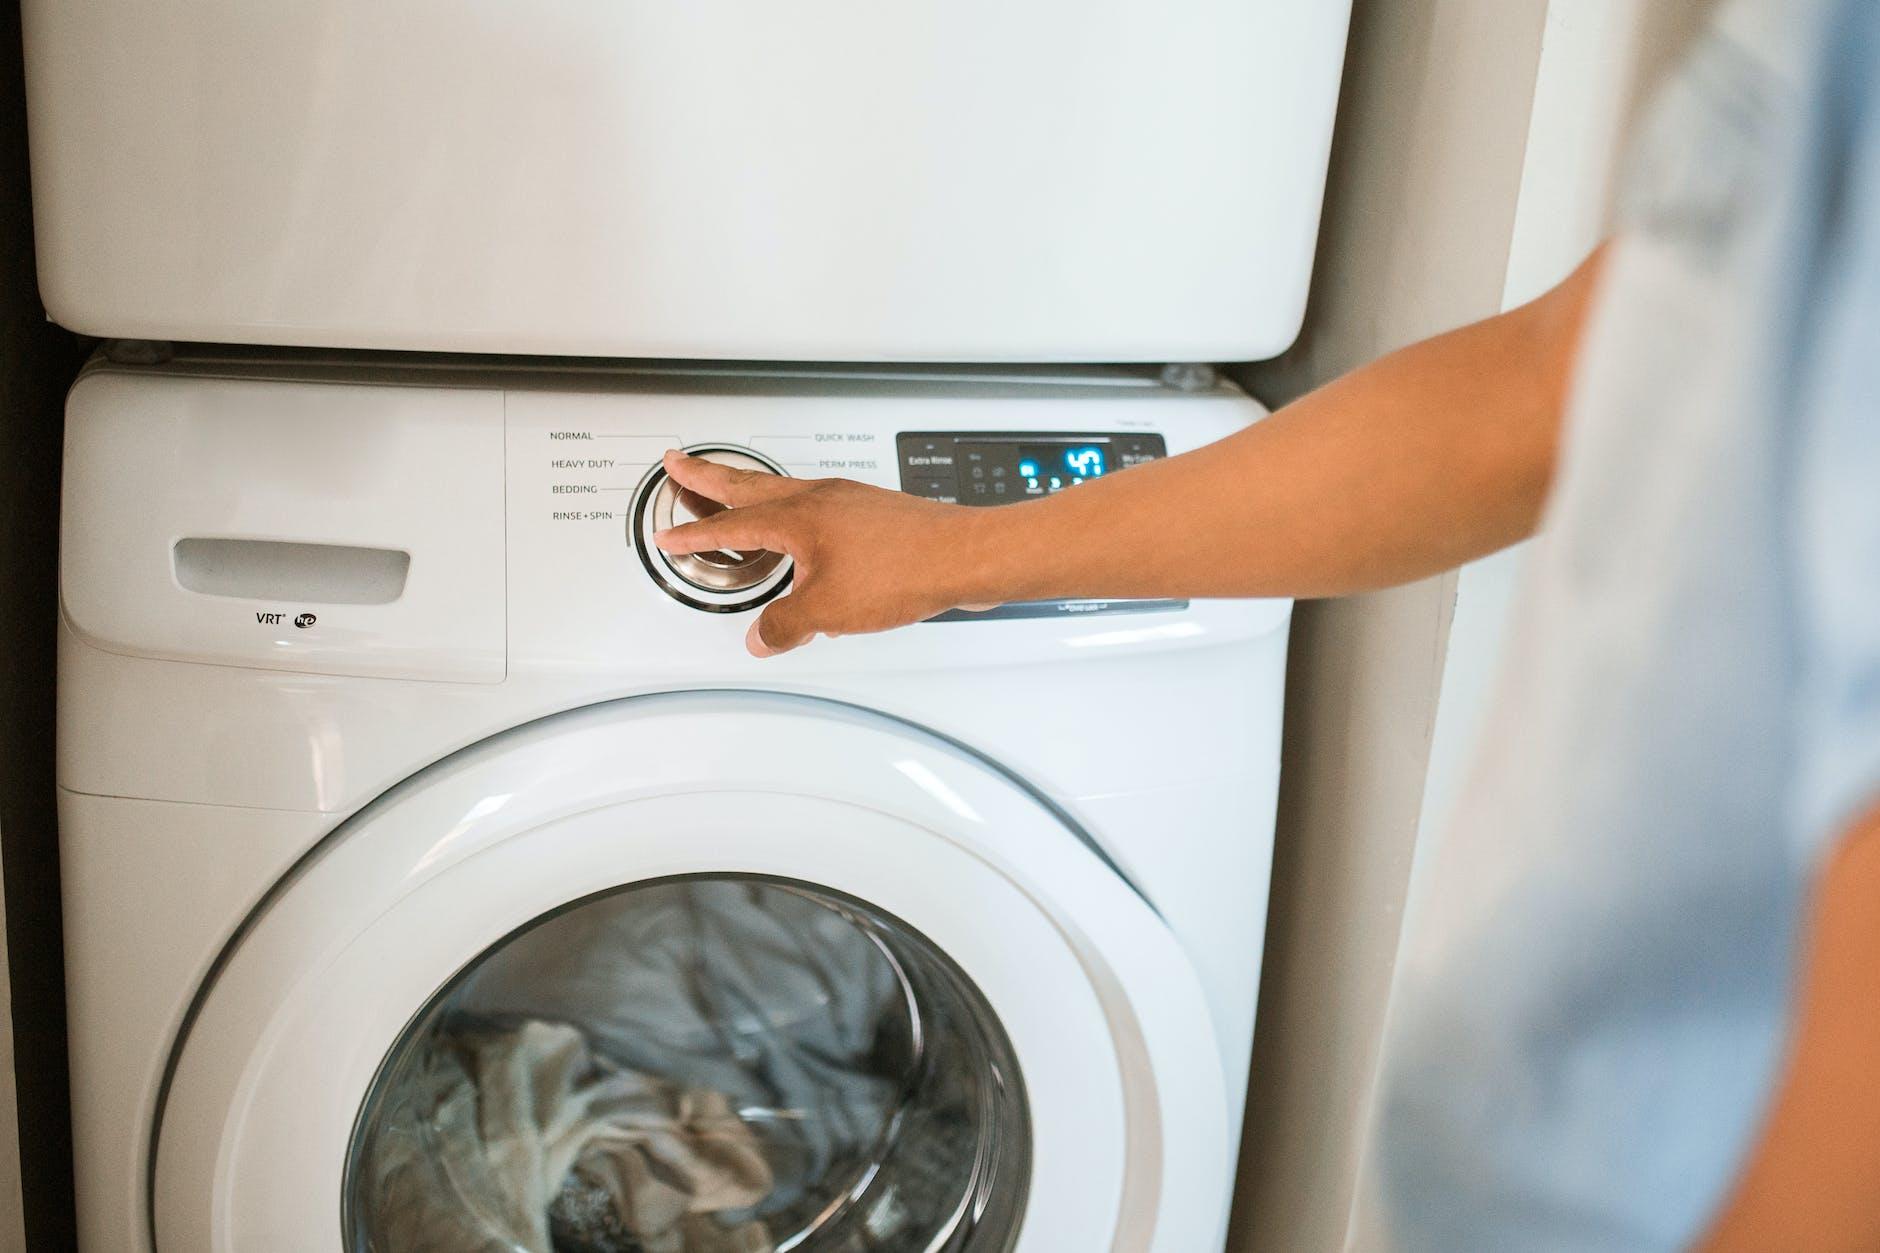 To clean around the washing machine.